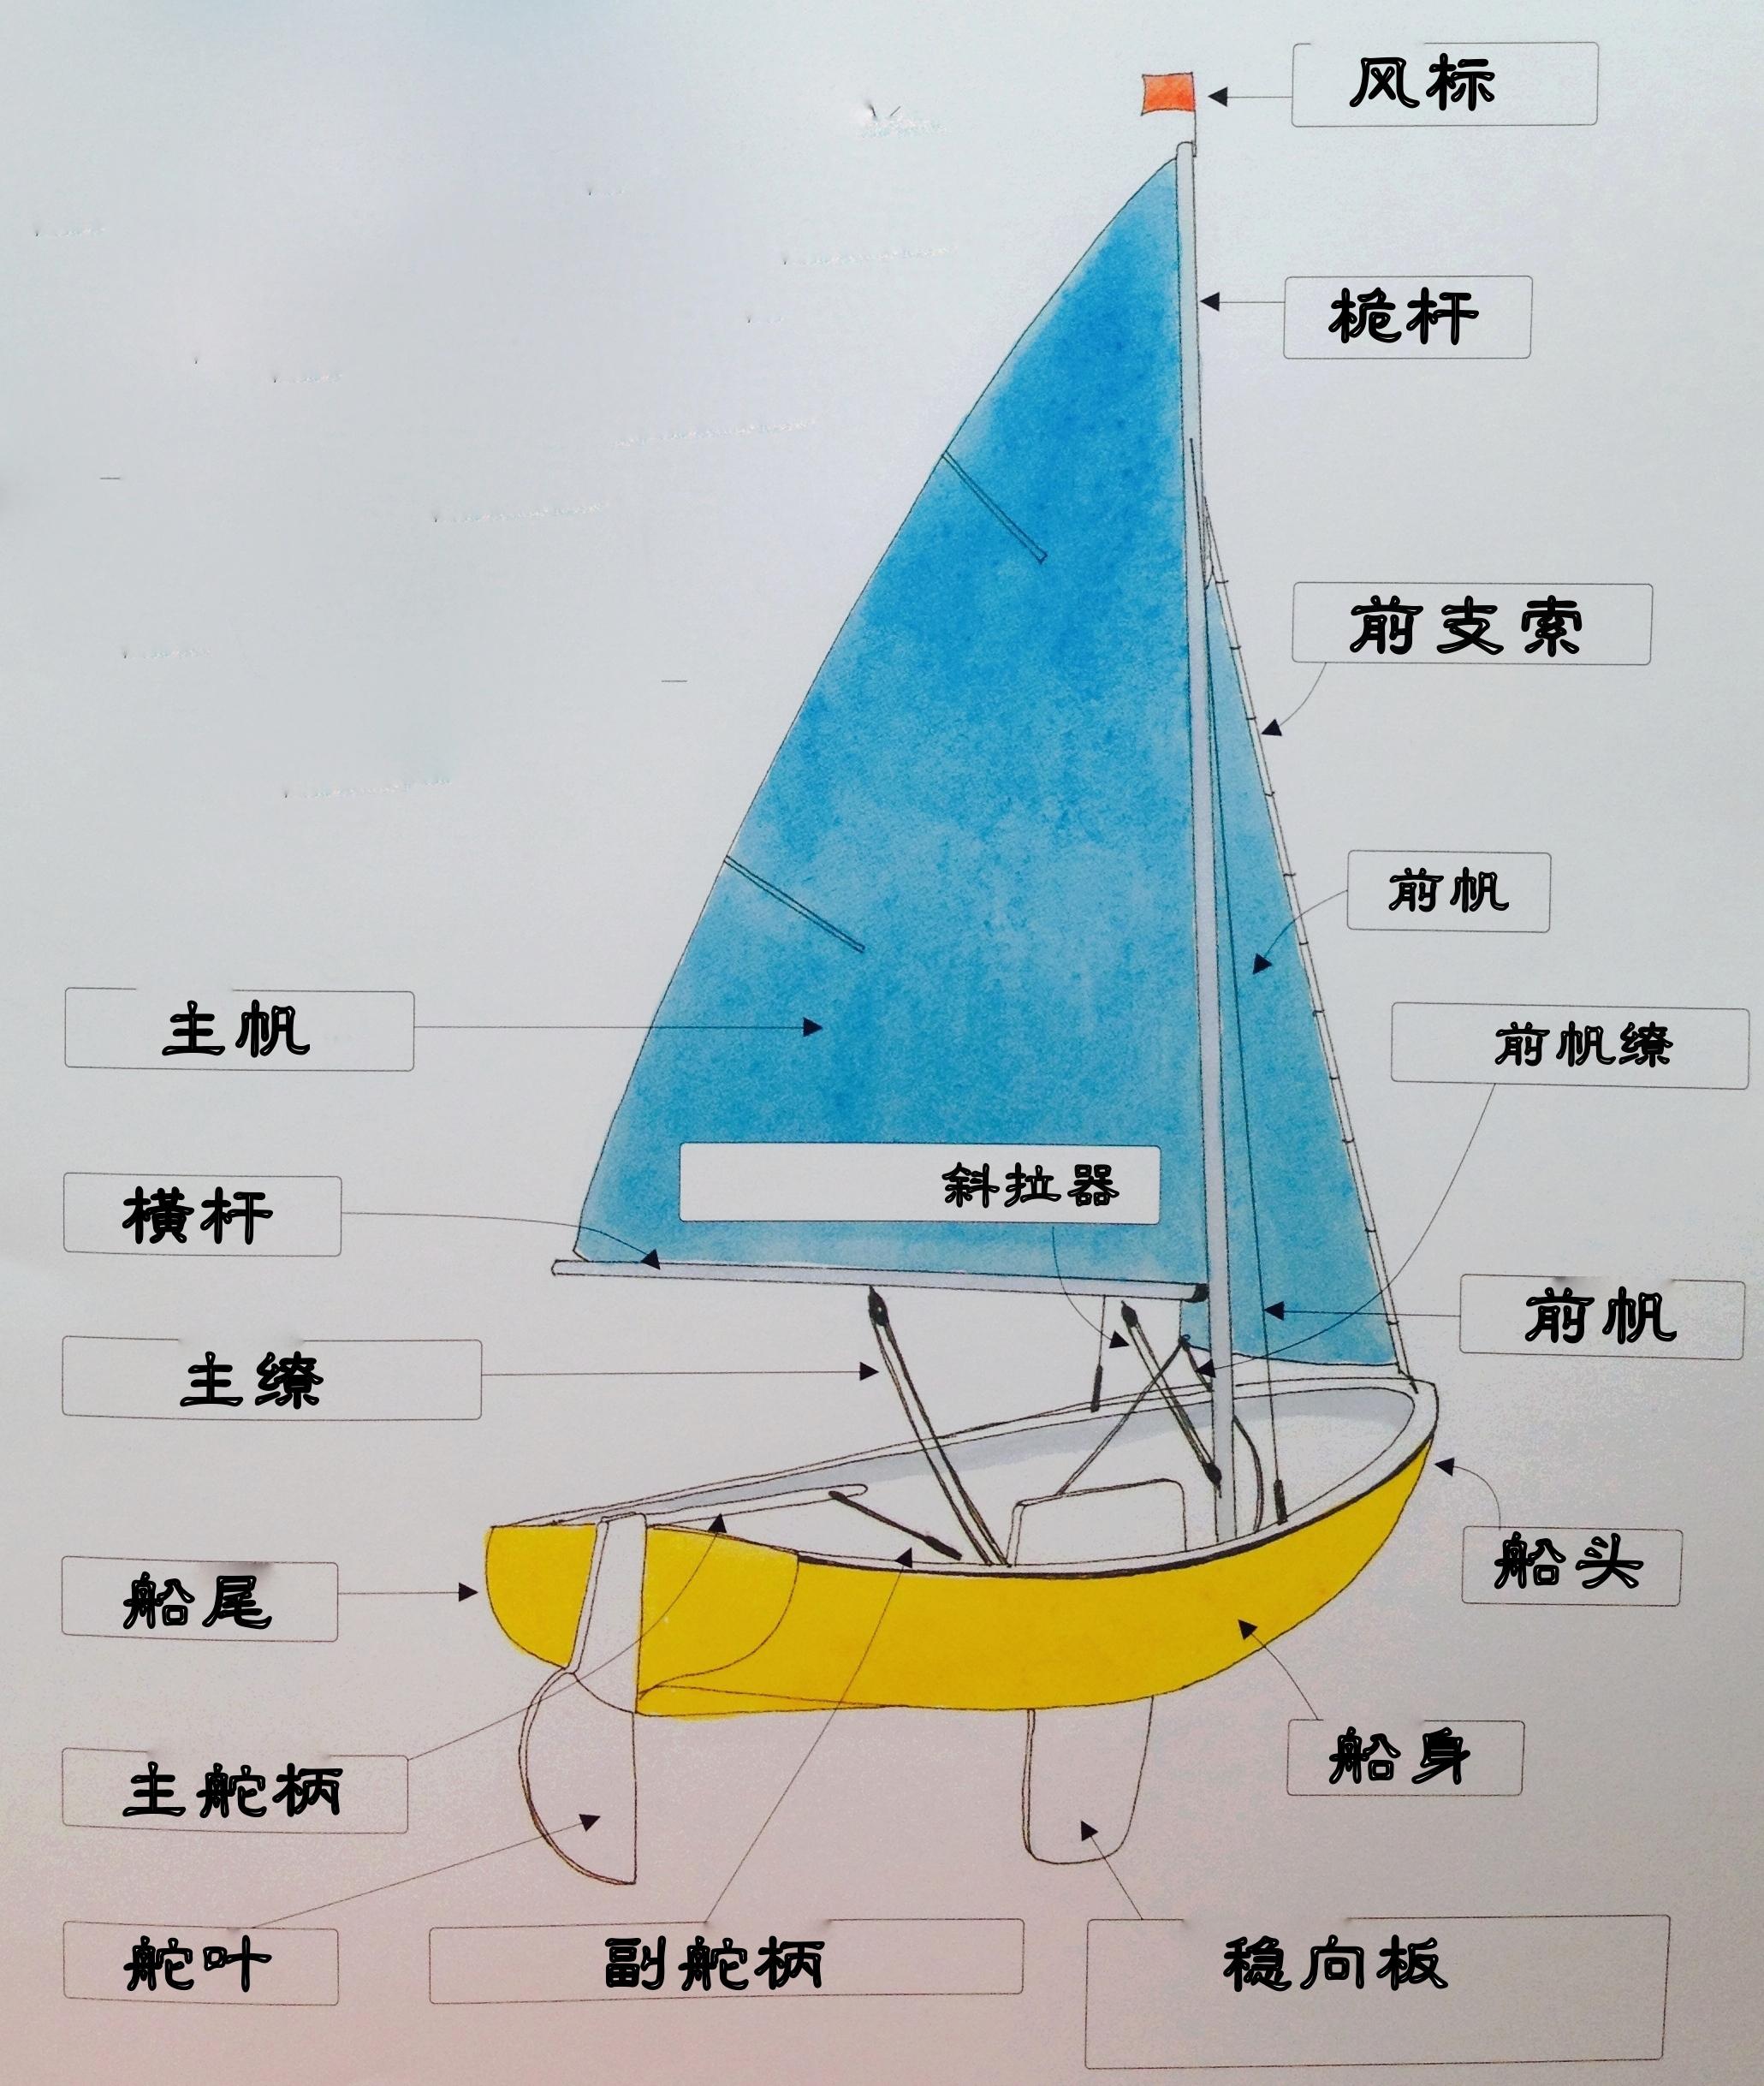 帆船,教学,专业 帆船上的每一个部位都有它自己的语言,要熟悉并牢记每个部件的名称。 4b.jpg